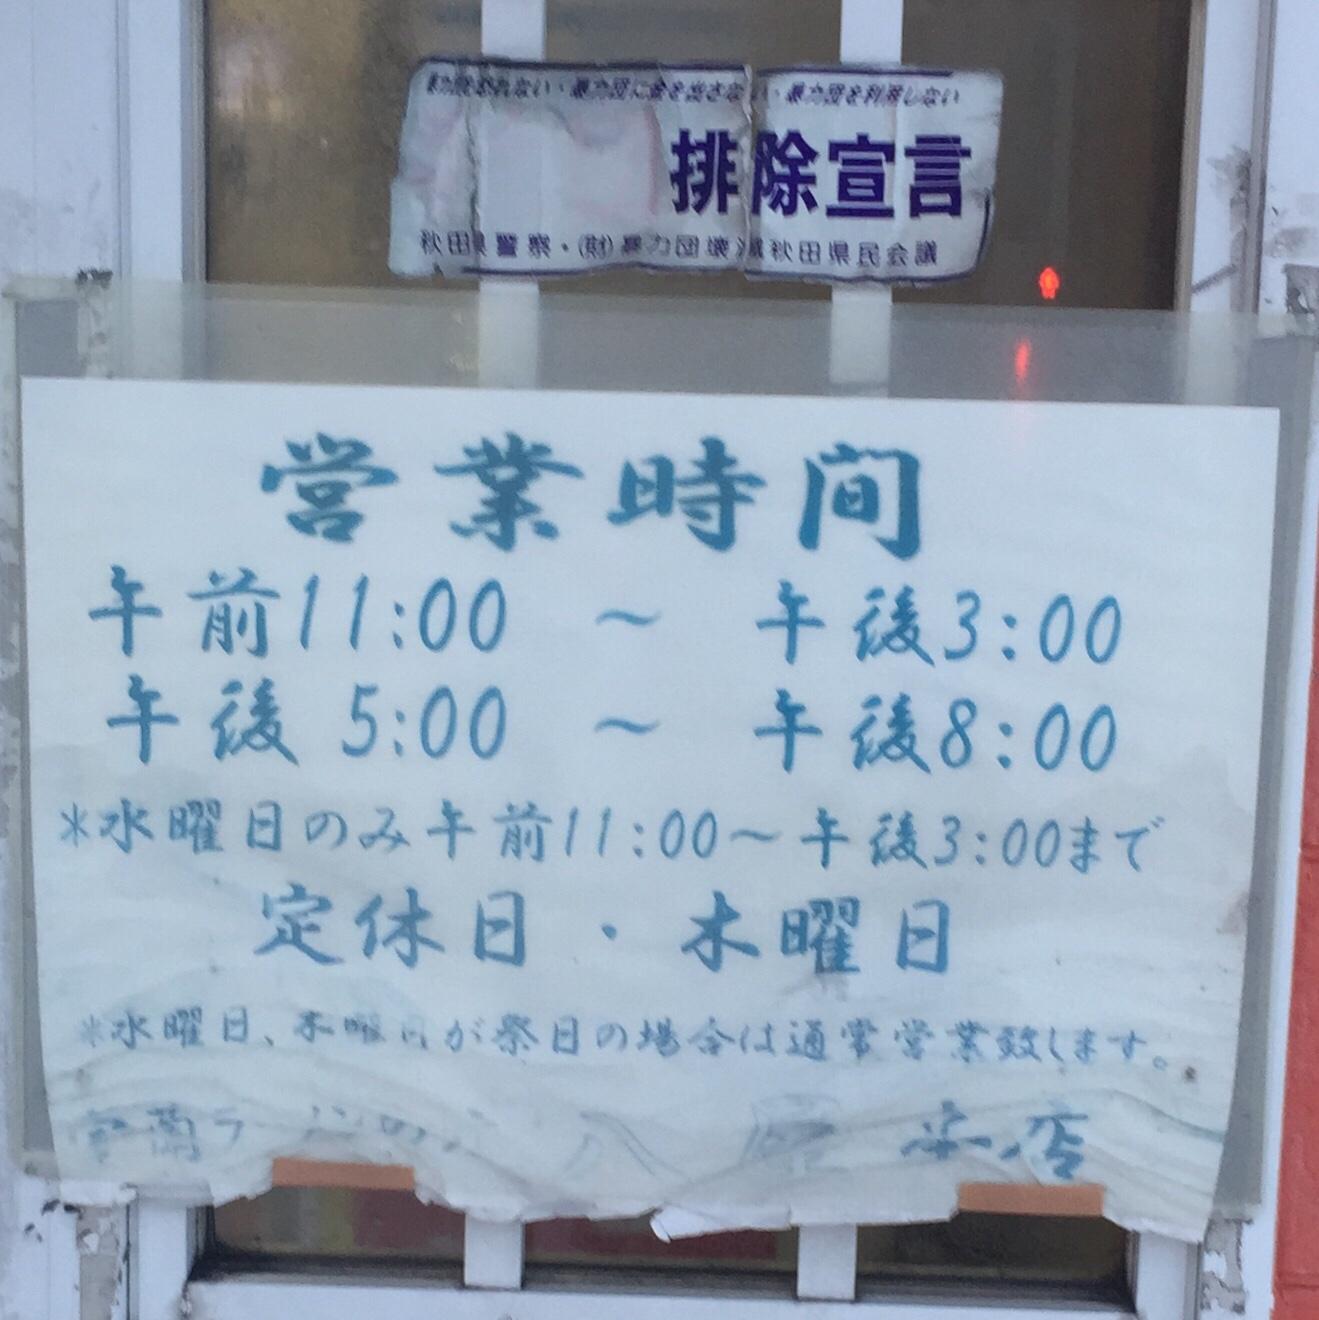 室蘭ラーメンの店 八屋本店 営業時間 営業案内 定休日